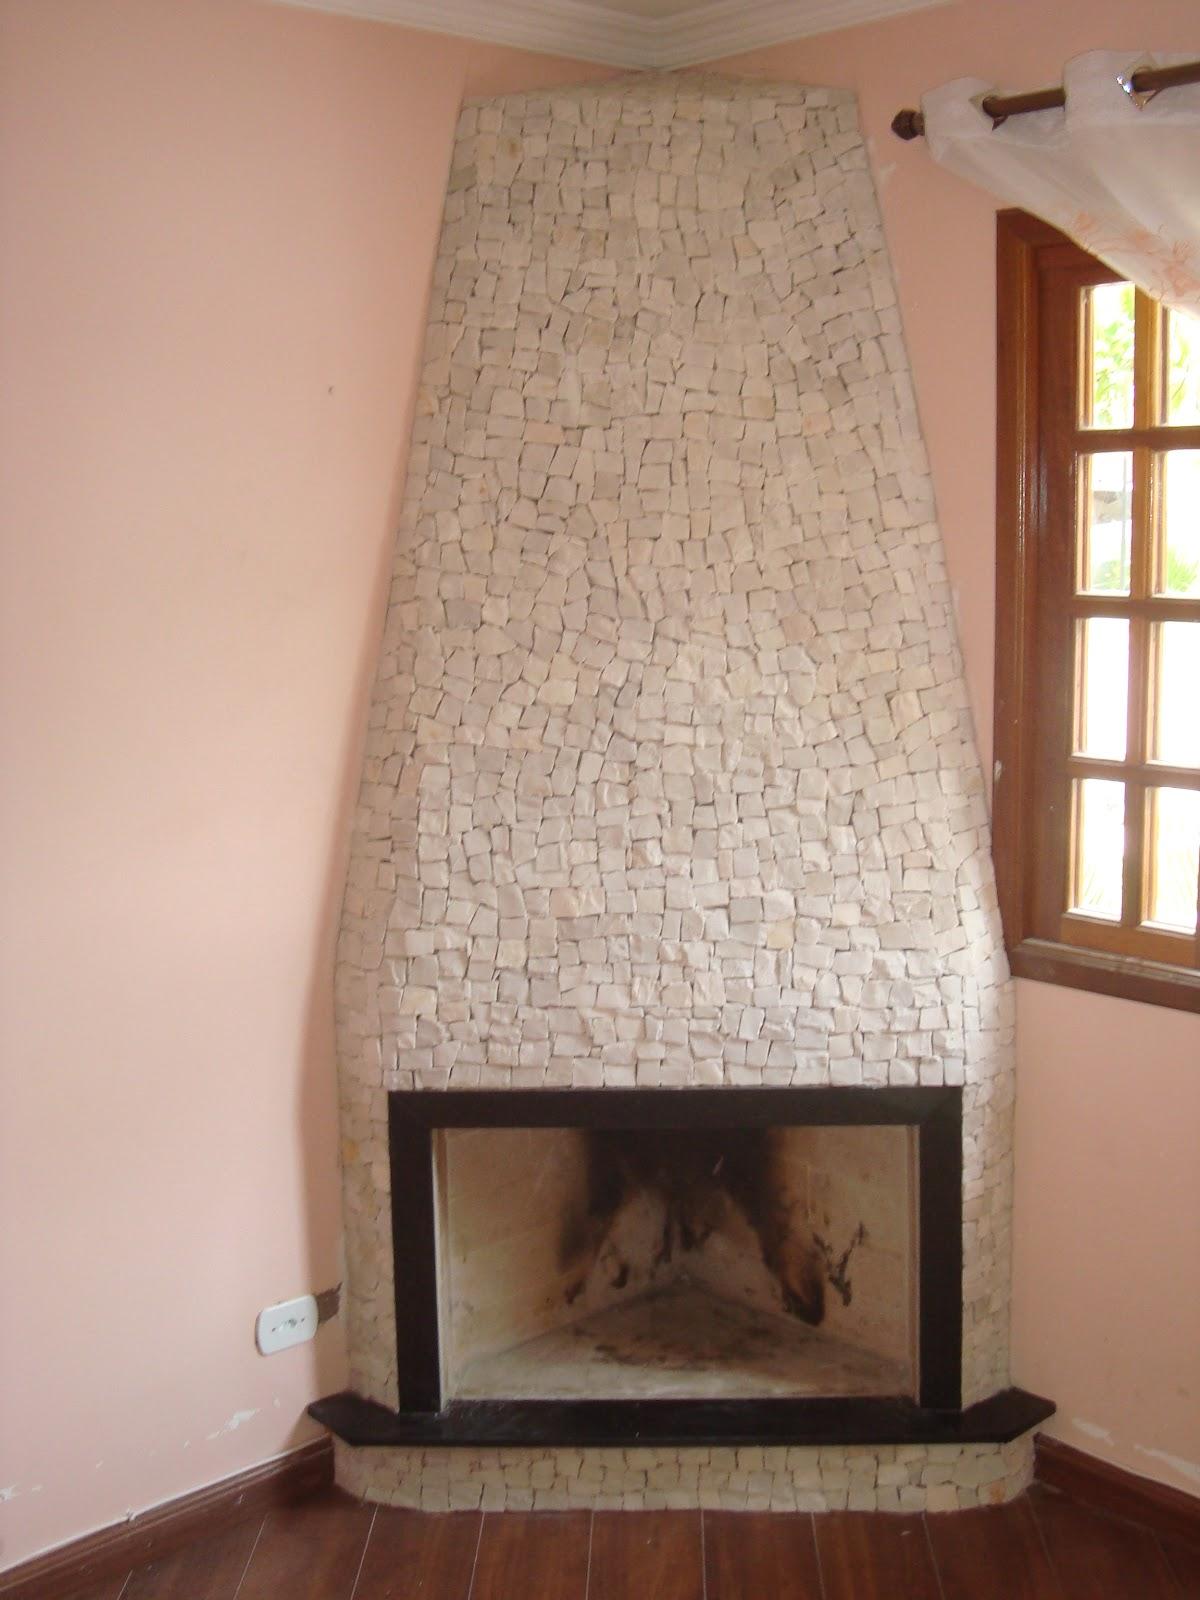 Esta lareira revestida com mosaico branco, pedras selecionadas e